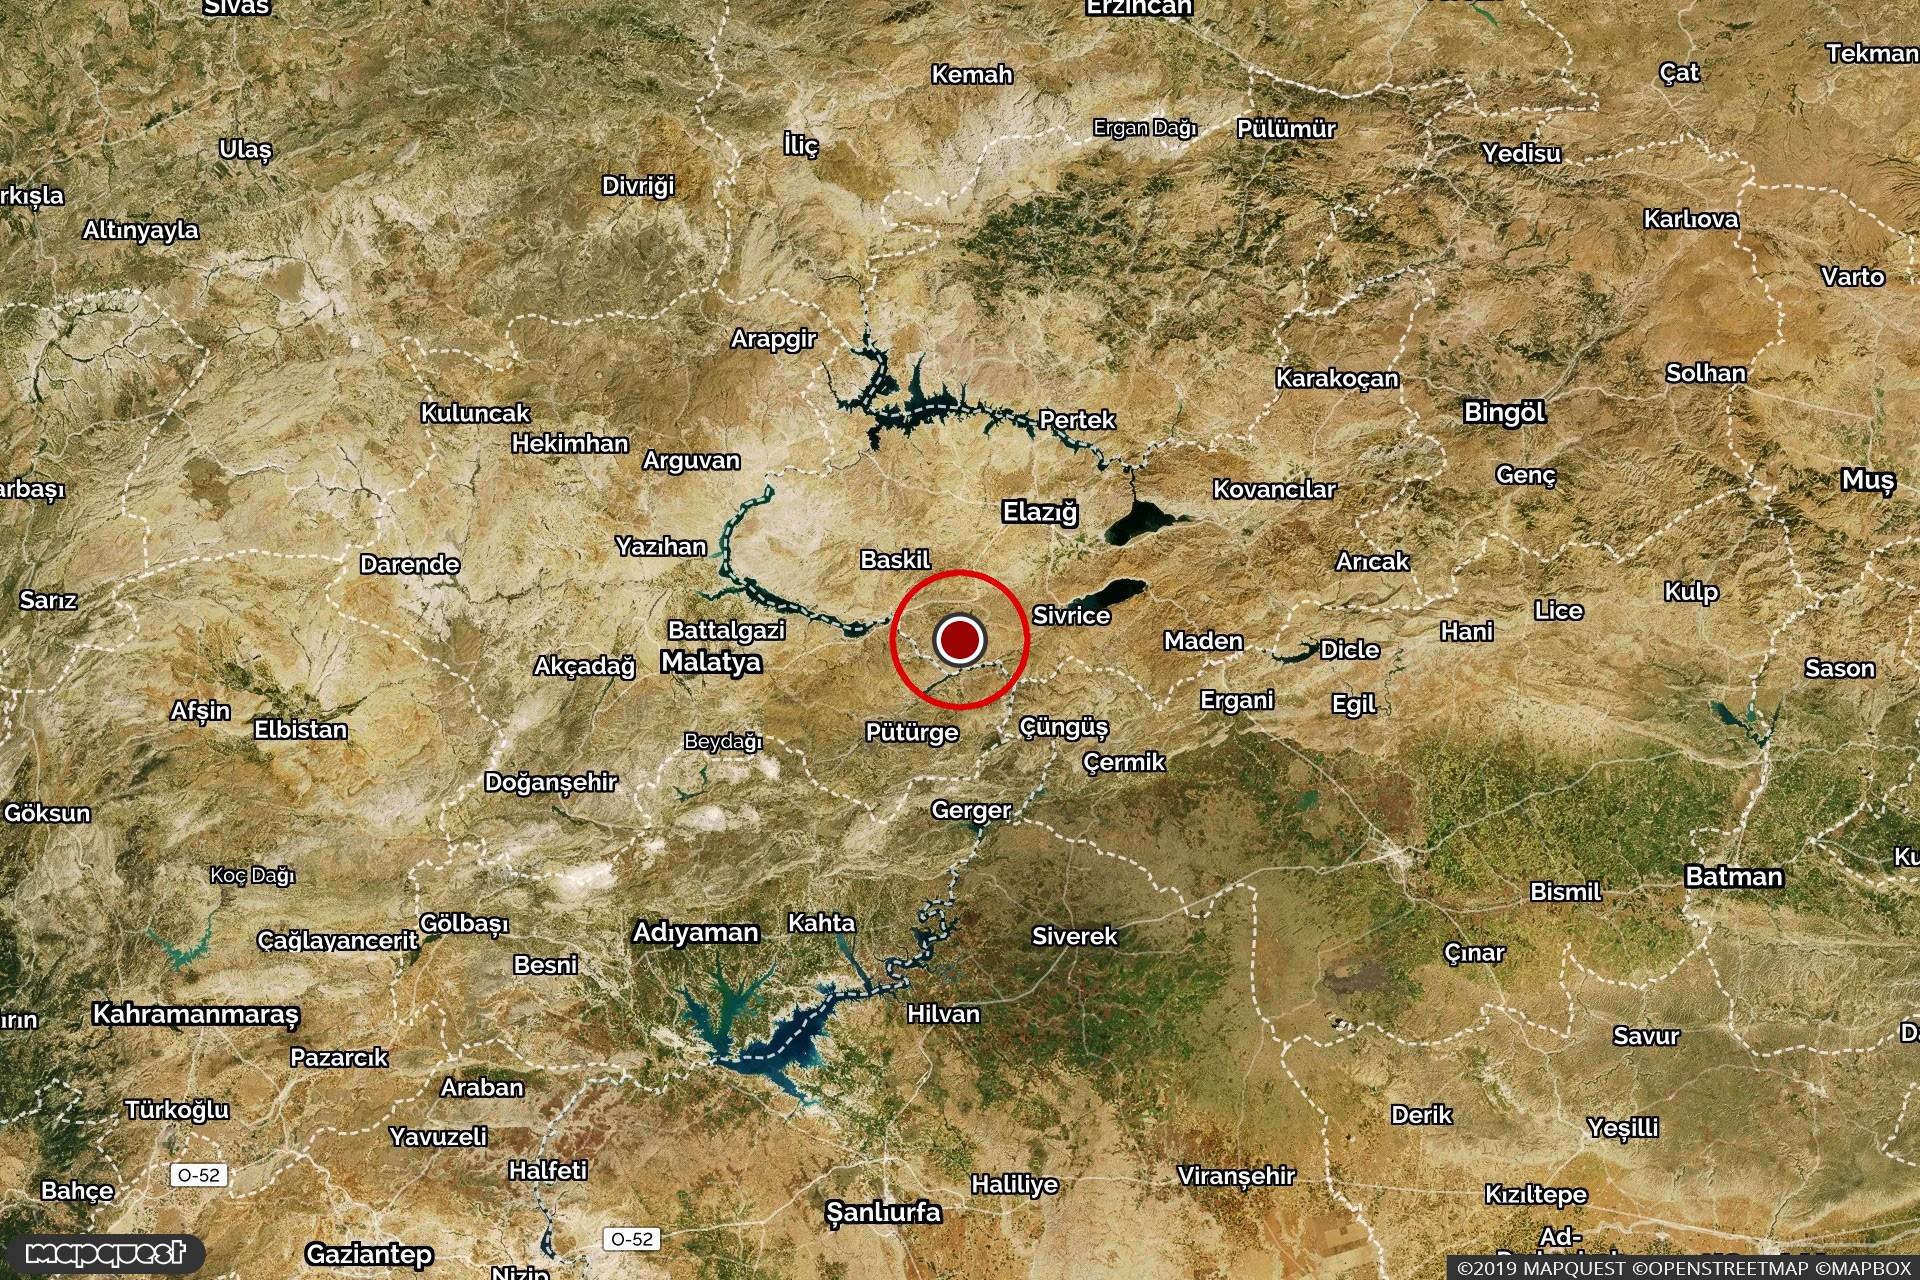 Elazığ'da meydana gelen depremin merkez üssünü gösteren harita.